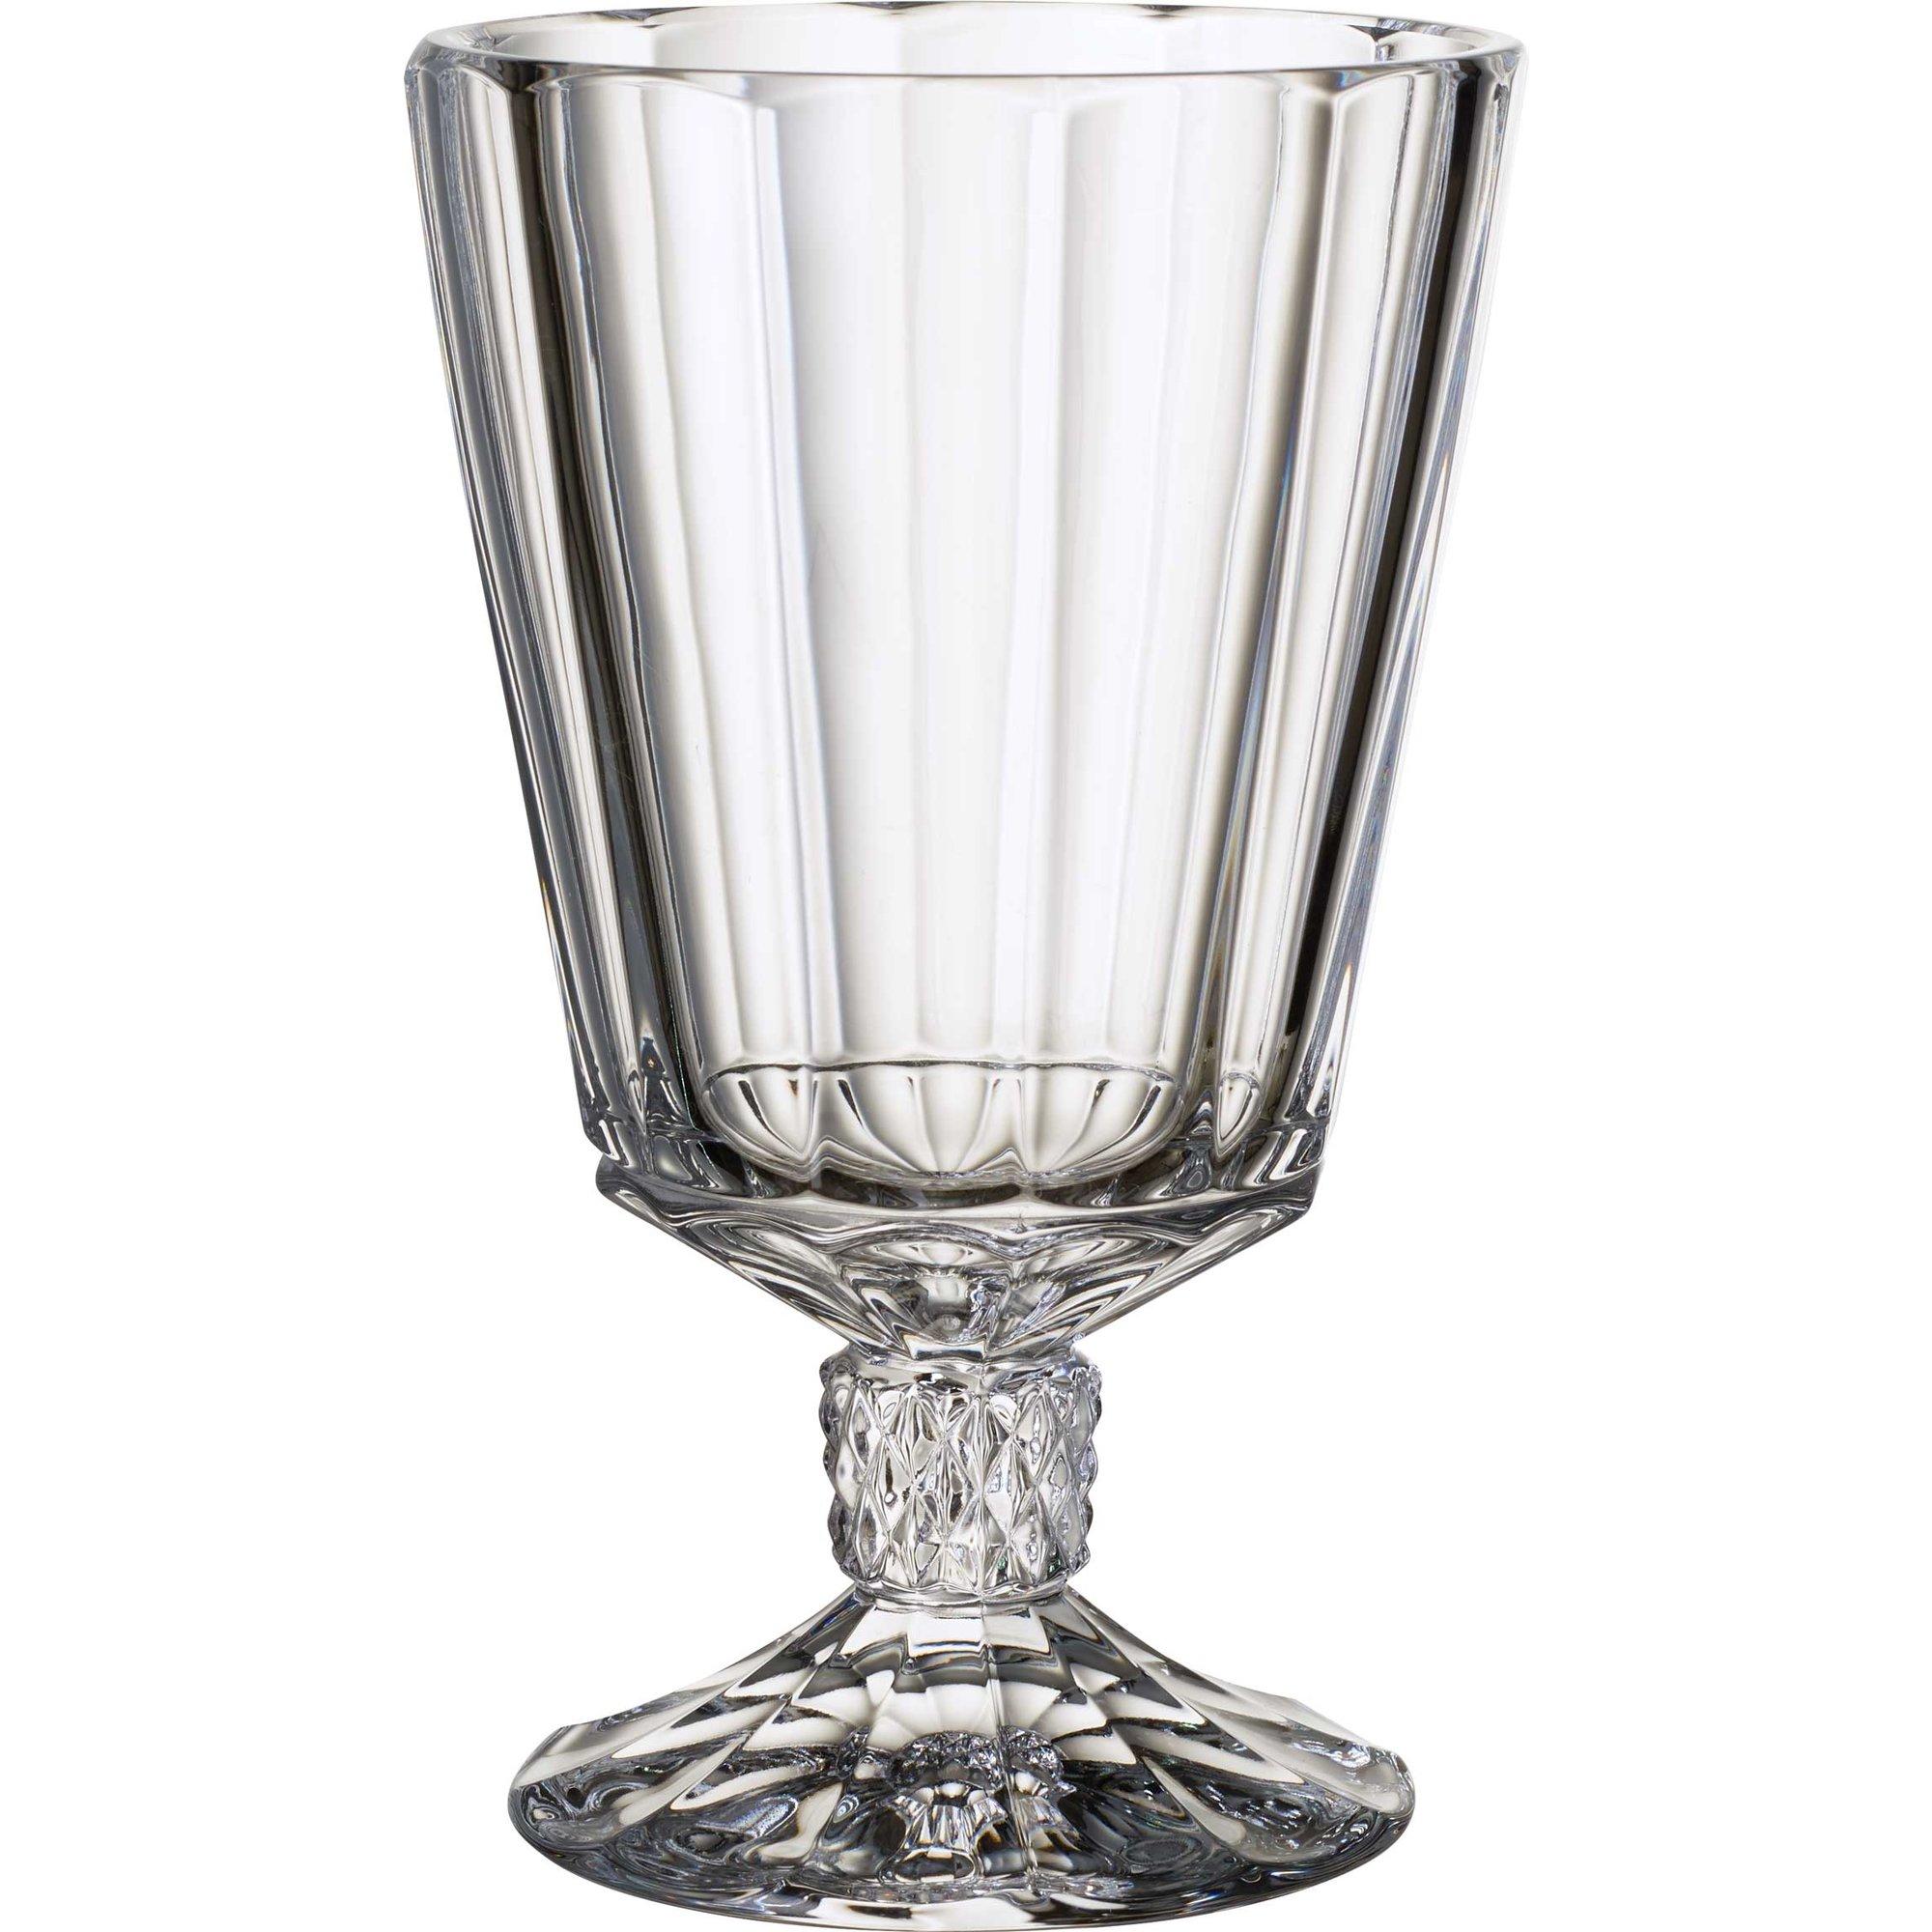 Villeroy & Boch Opera Vattenglas på fot 4-pack